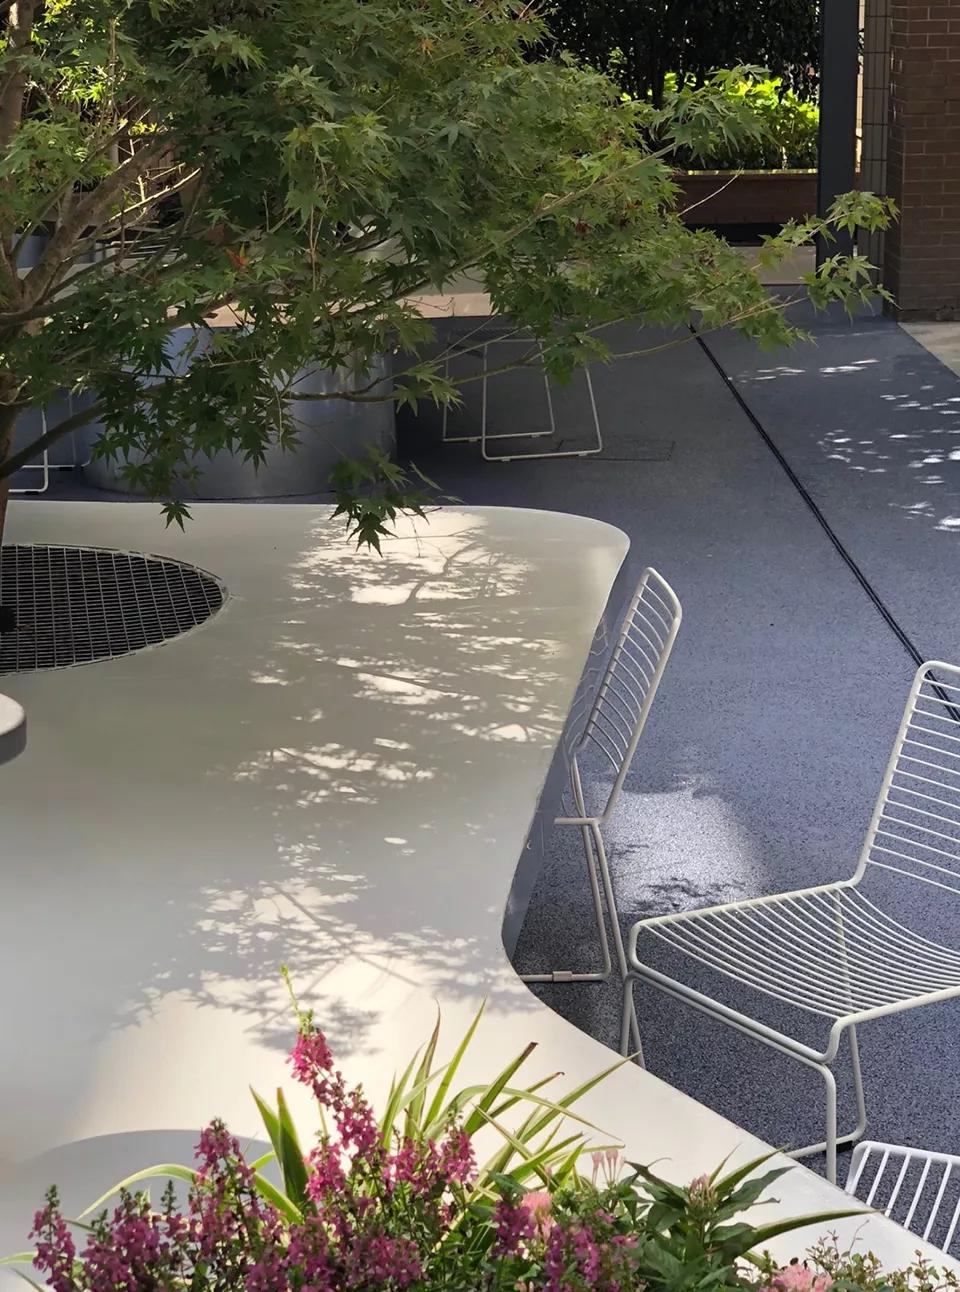 最受欢迎的非正式学习空间 - 树桌花园7.webp.jpg